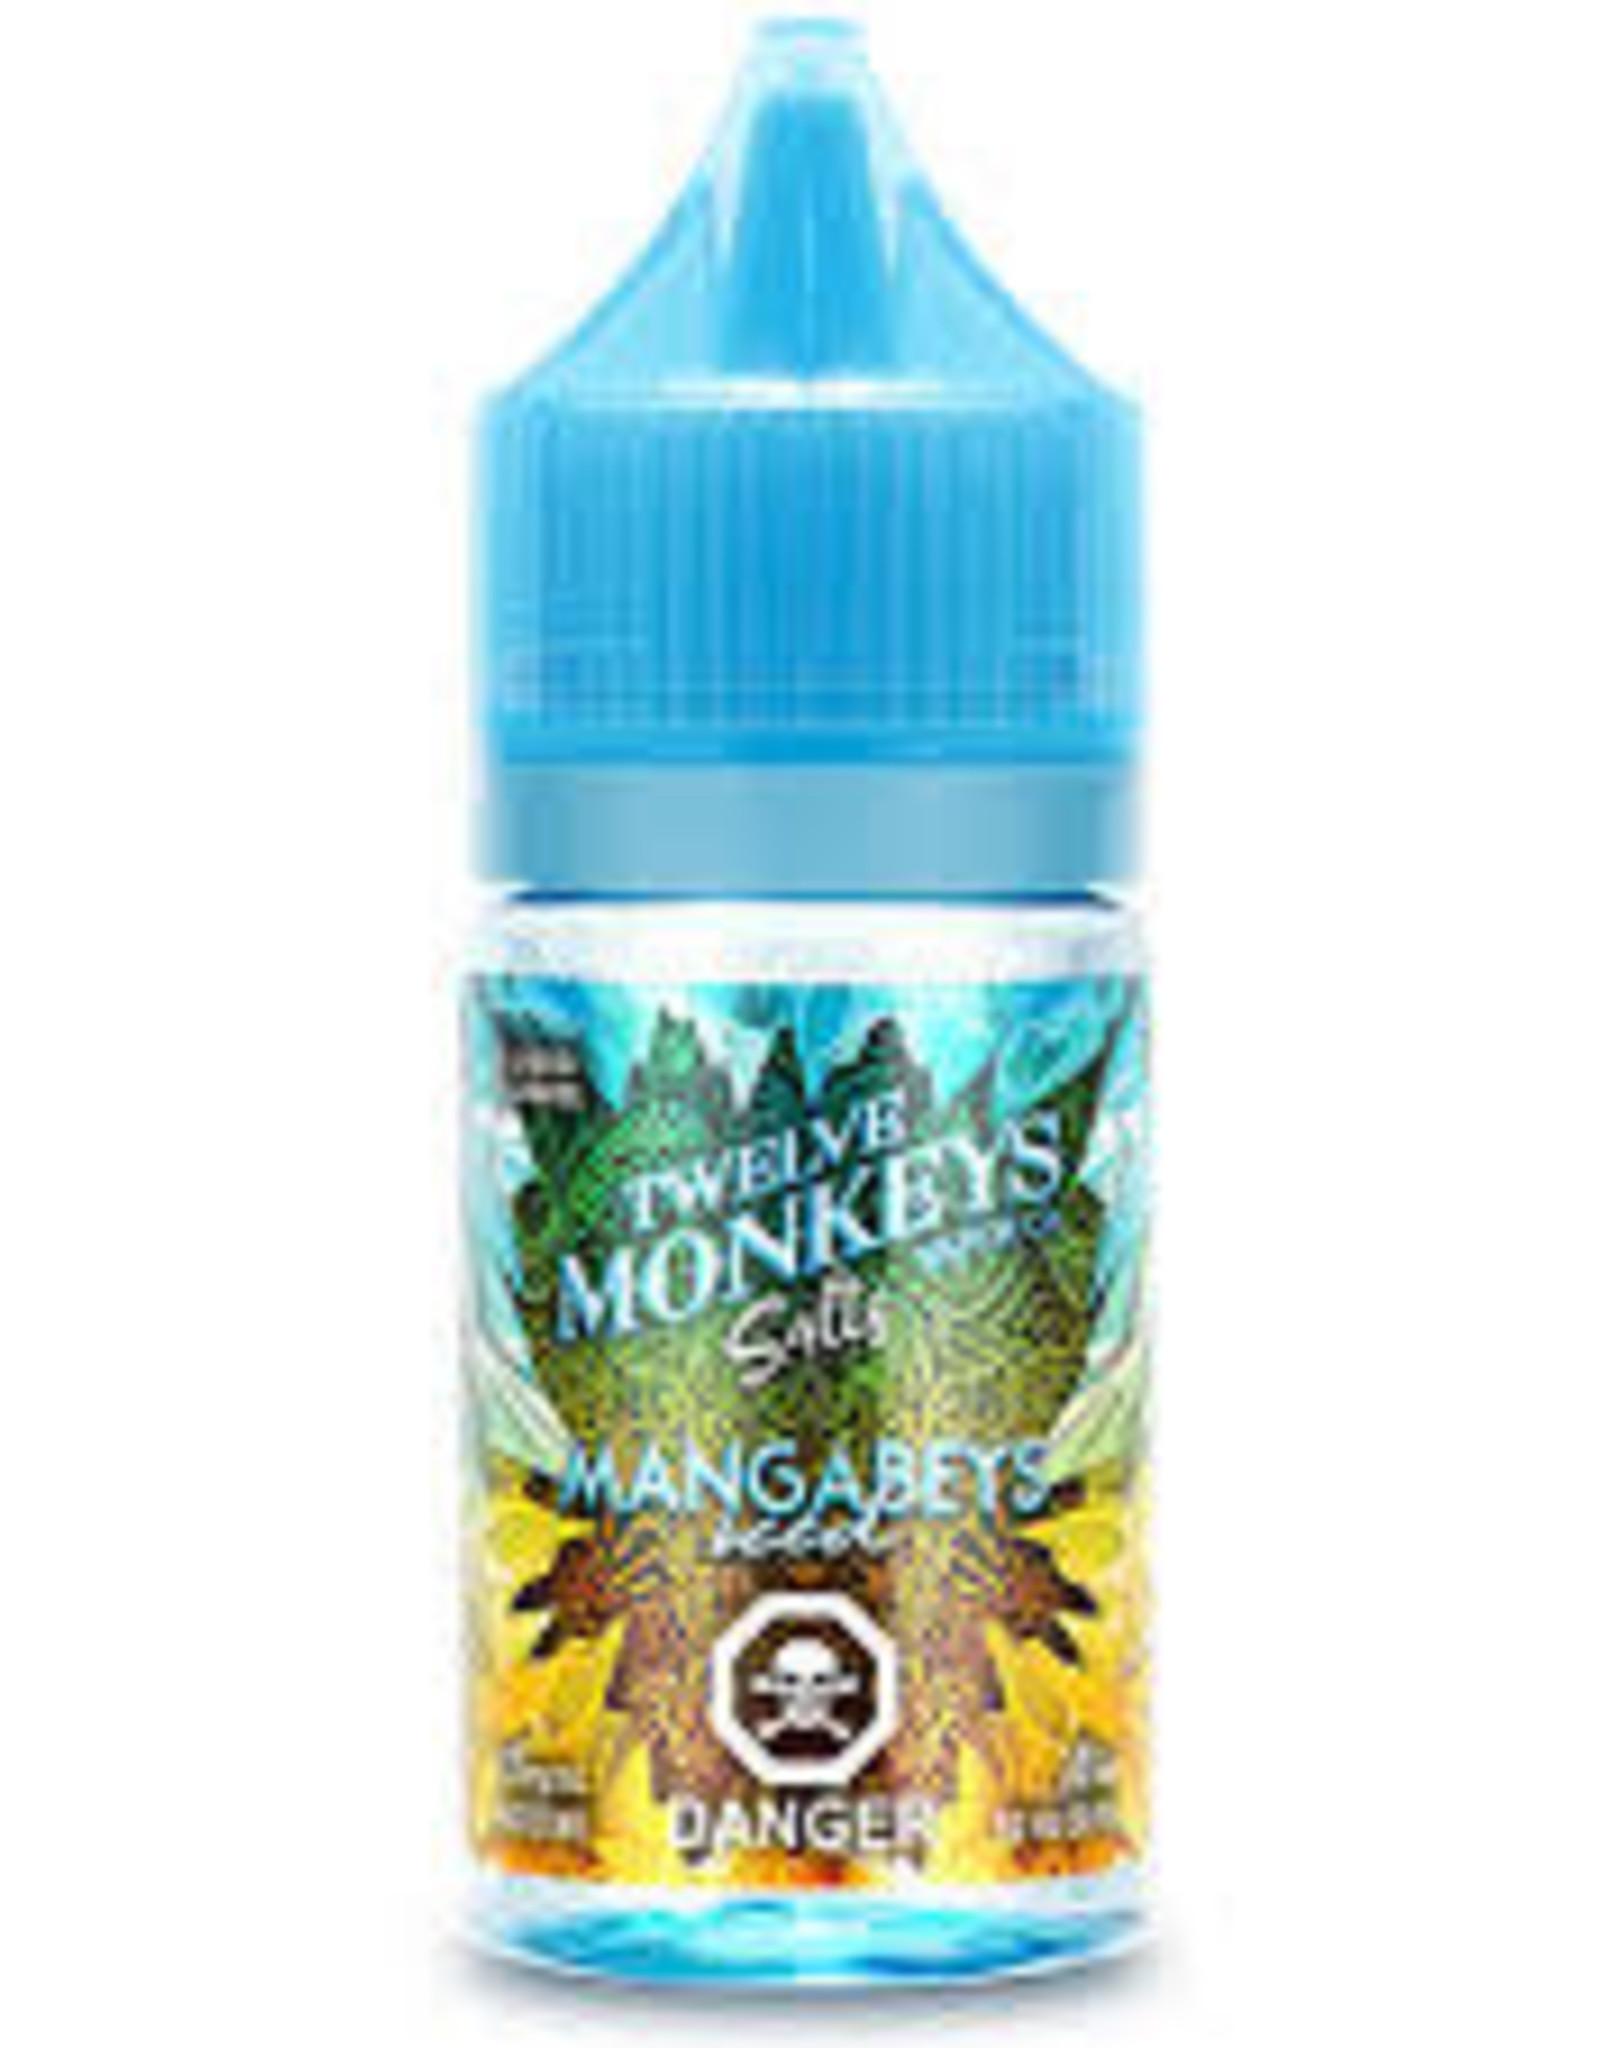 Twelve Monkeys Twelve Monkeys Ice Age Salt